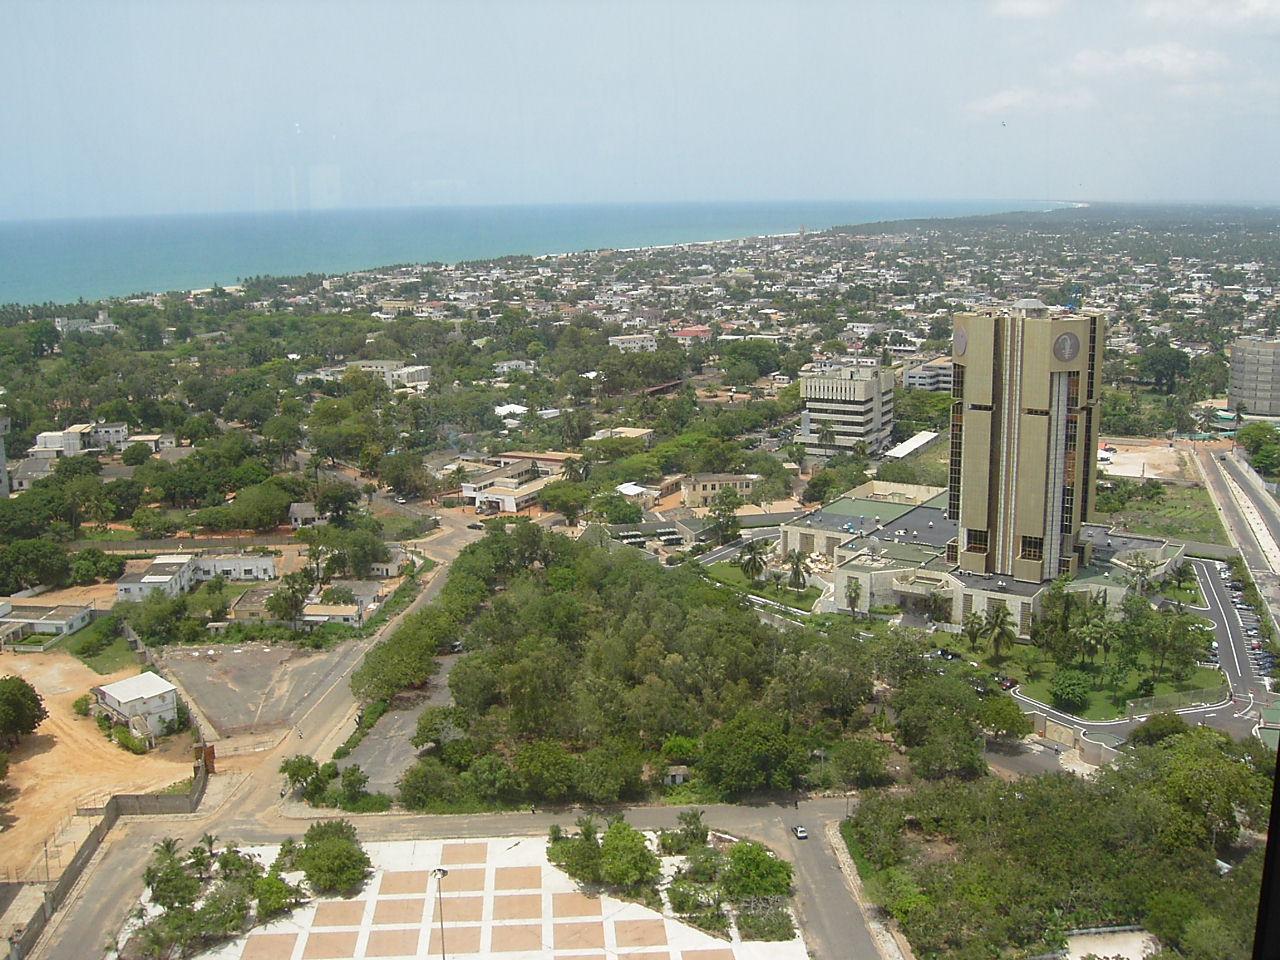 La ville de Lomé au Togo. © DR